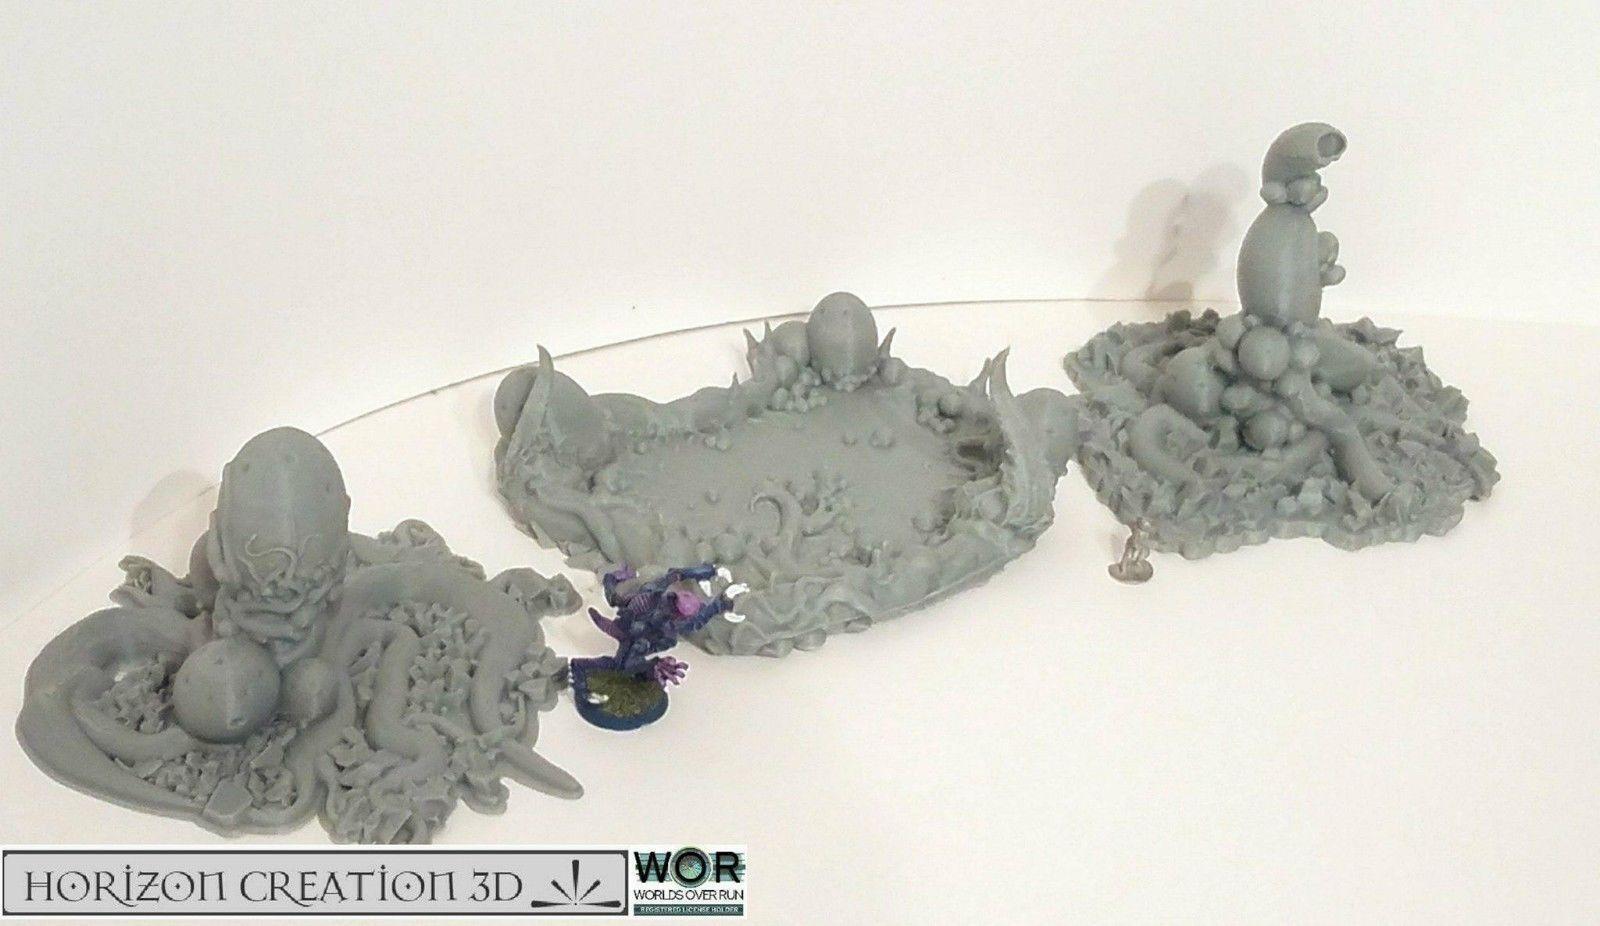 HC3D-WOR Thorn Uova & Pool-Alieno  WARgiocoS miniature Paesaggio 40k 28 mm 15 mm  in vendita scontato del 70%